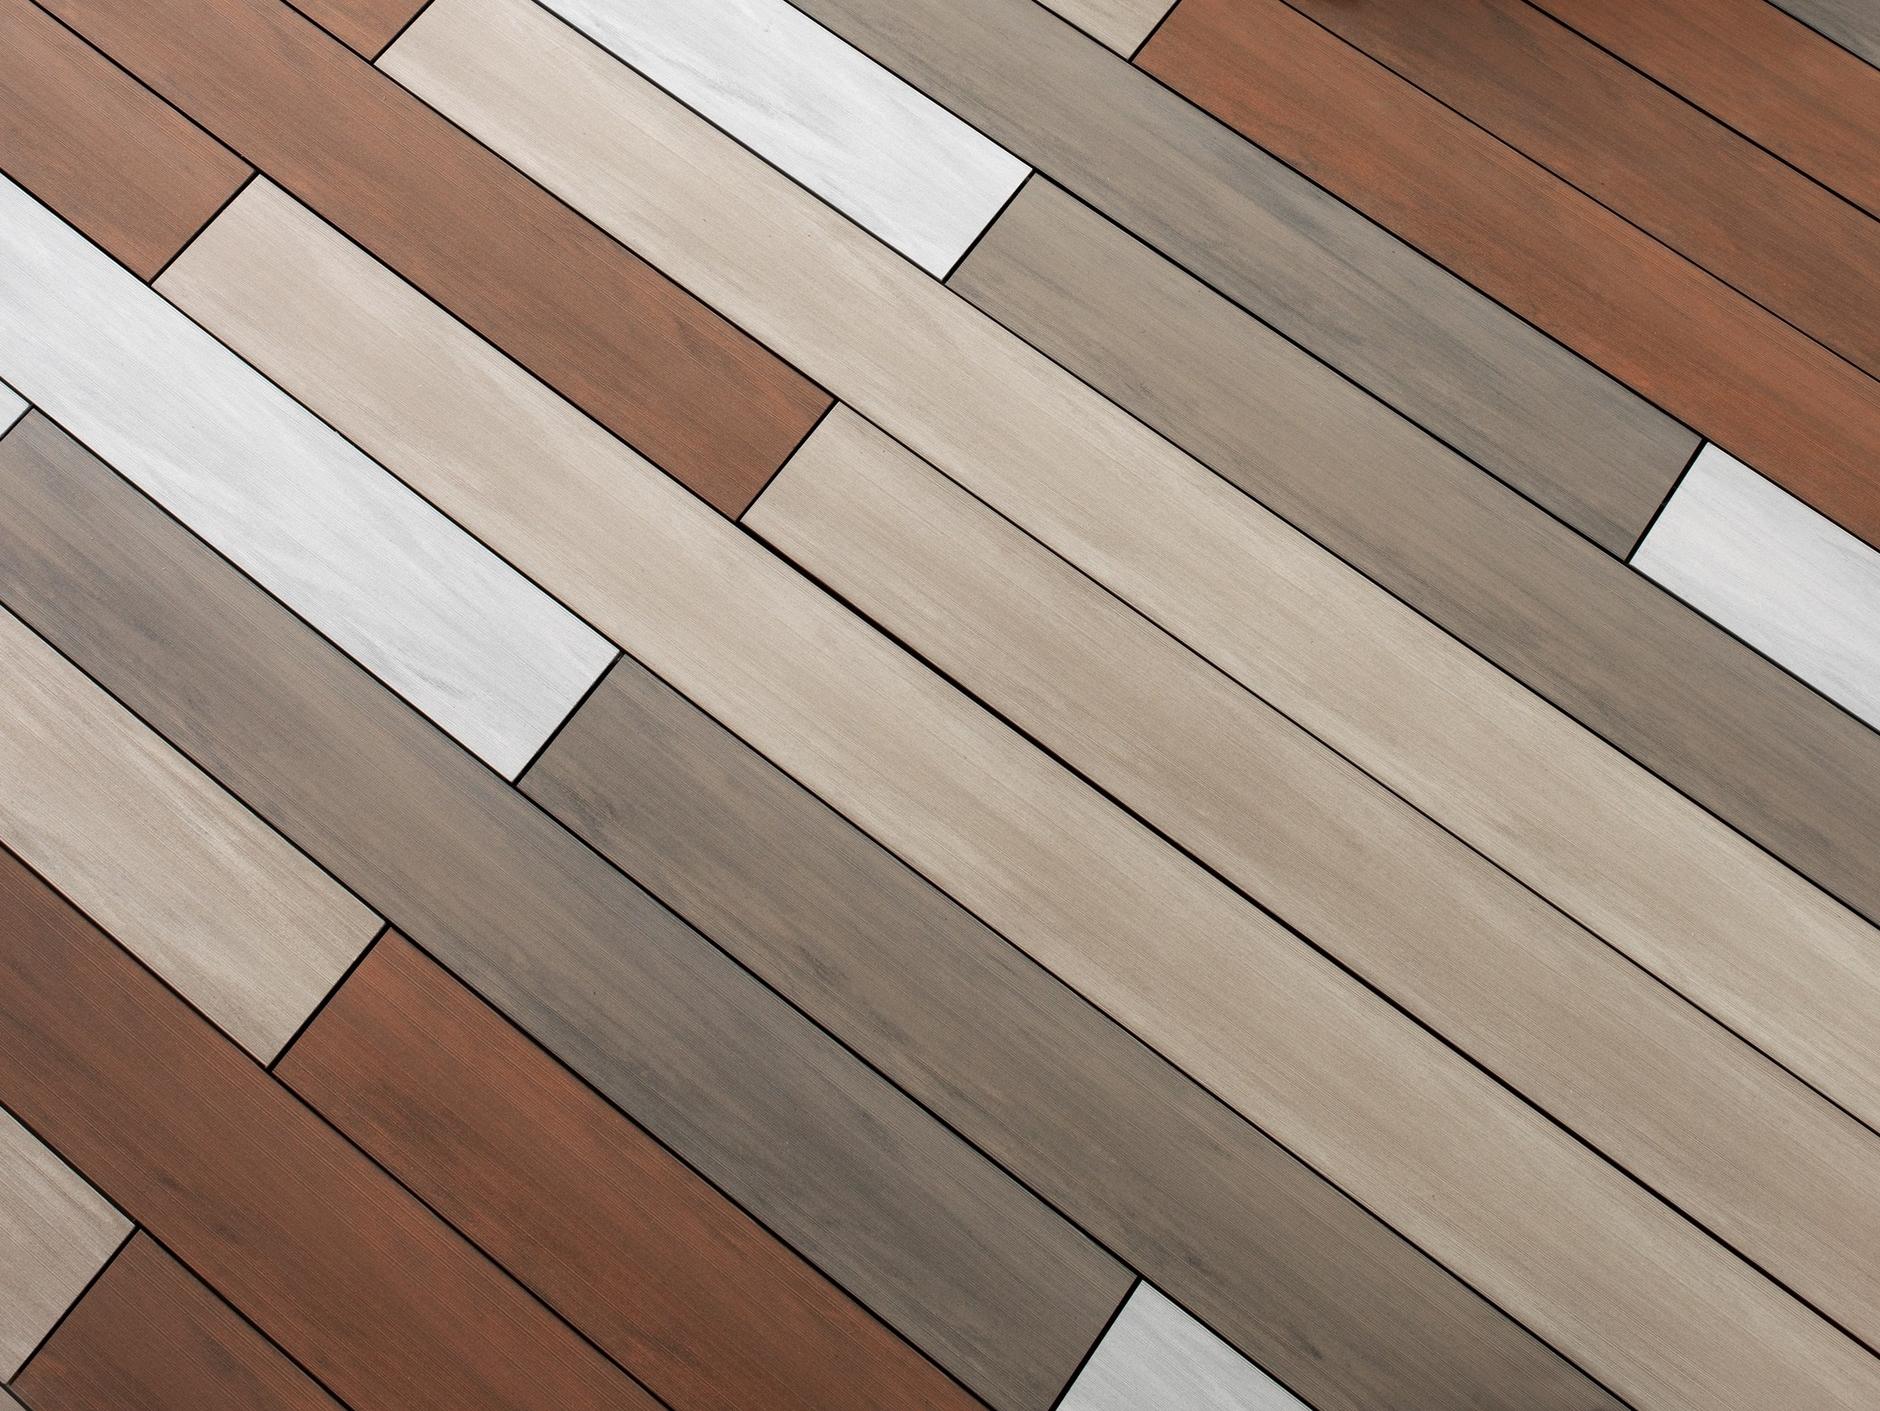 Wood and Co. Модные отделки для террас, бассейнов и загородного дома (галерея 12, фото 1)